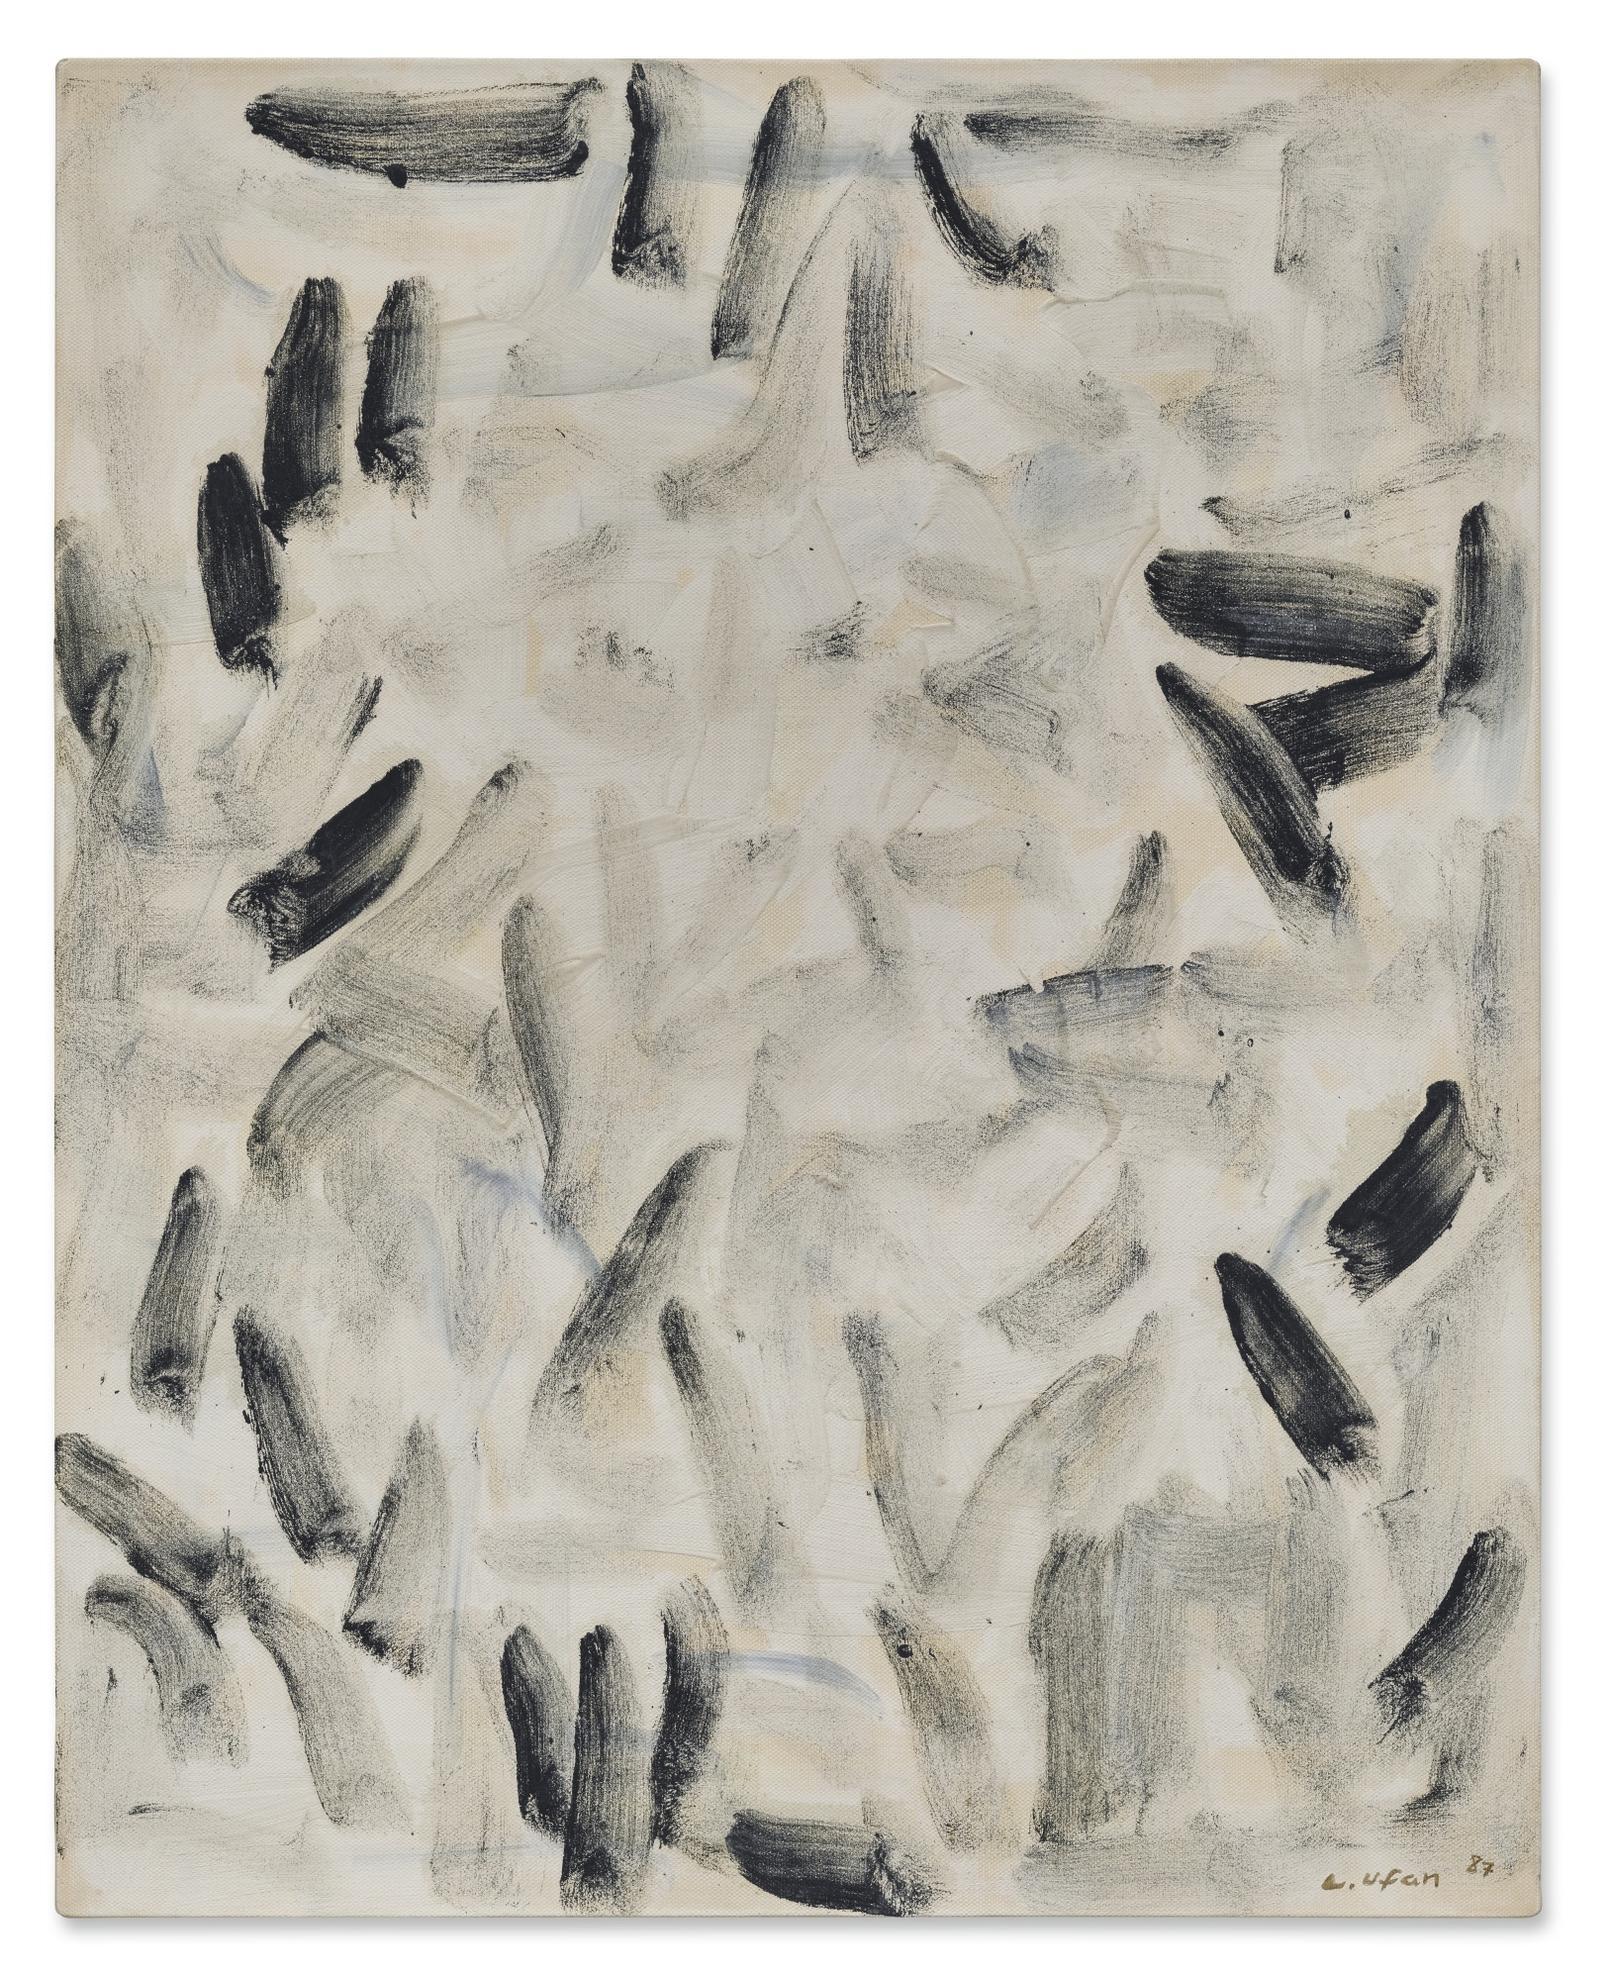 Lee Ufan-From Winds-1987